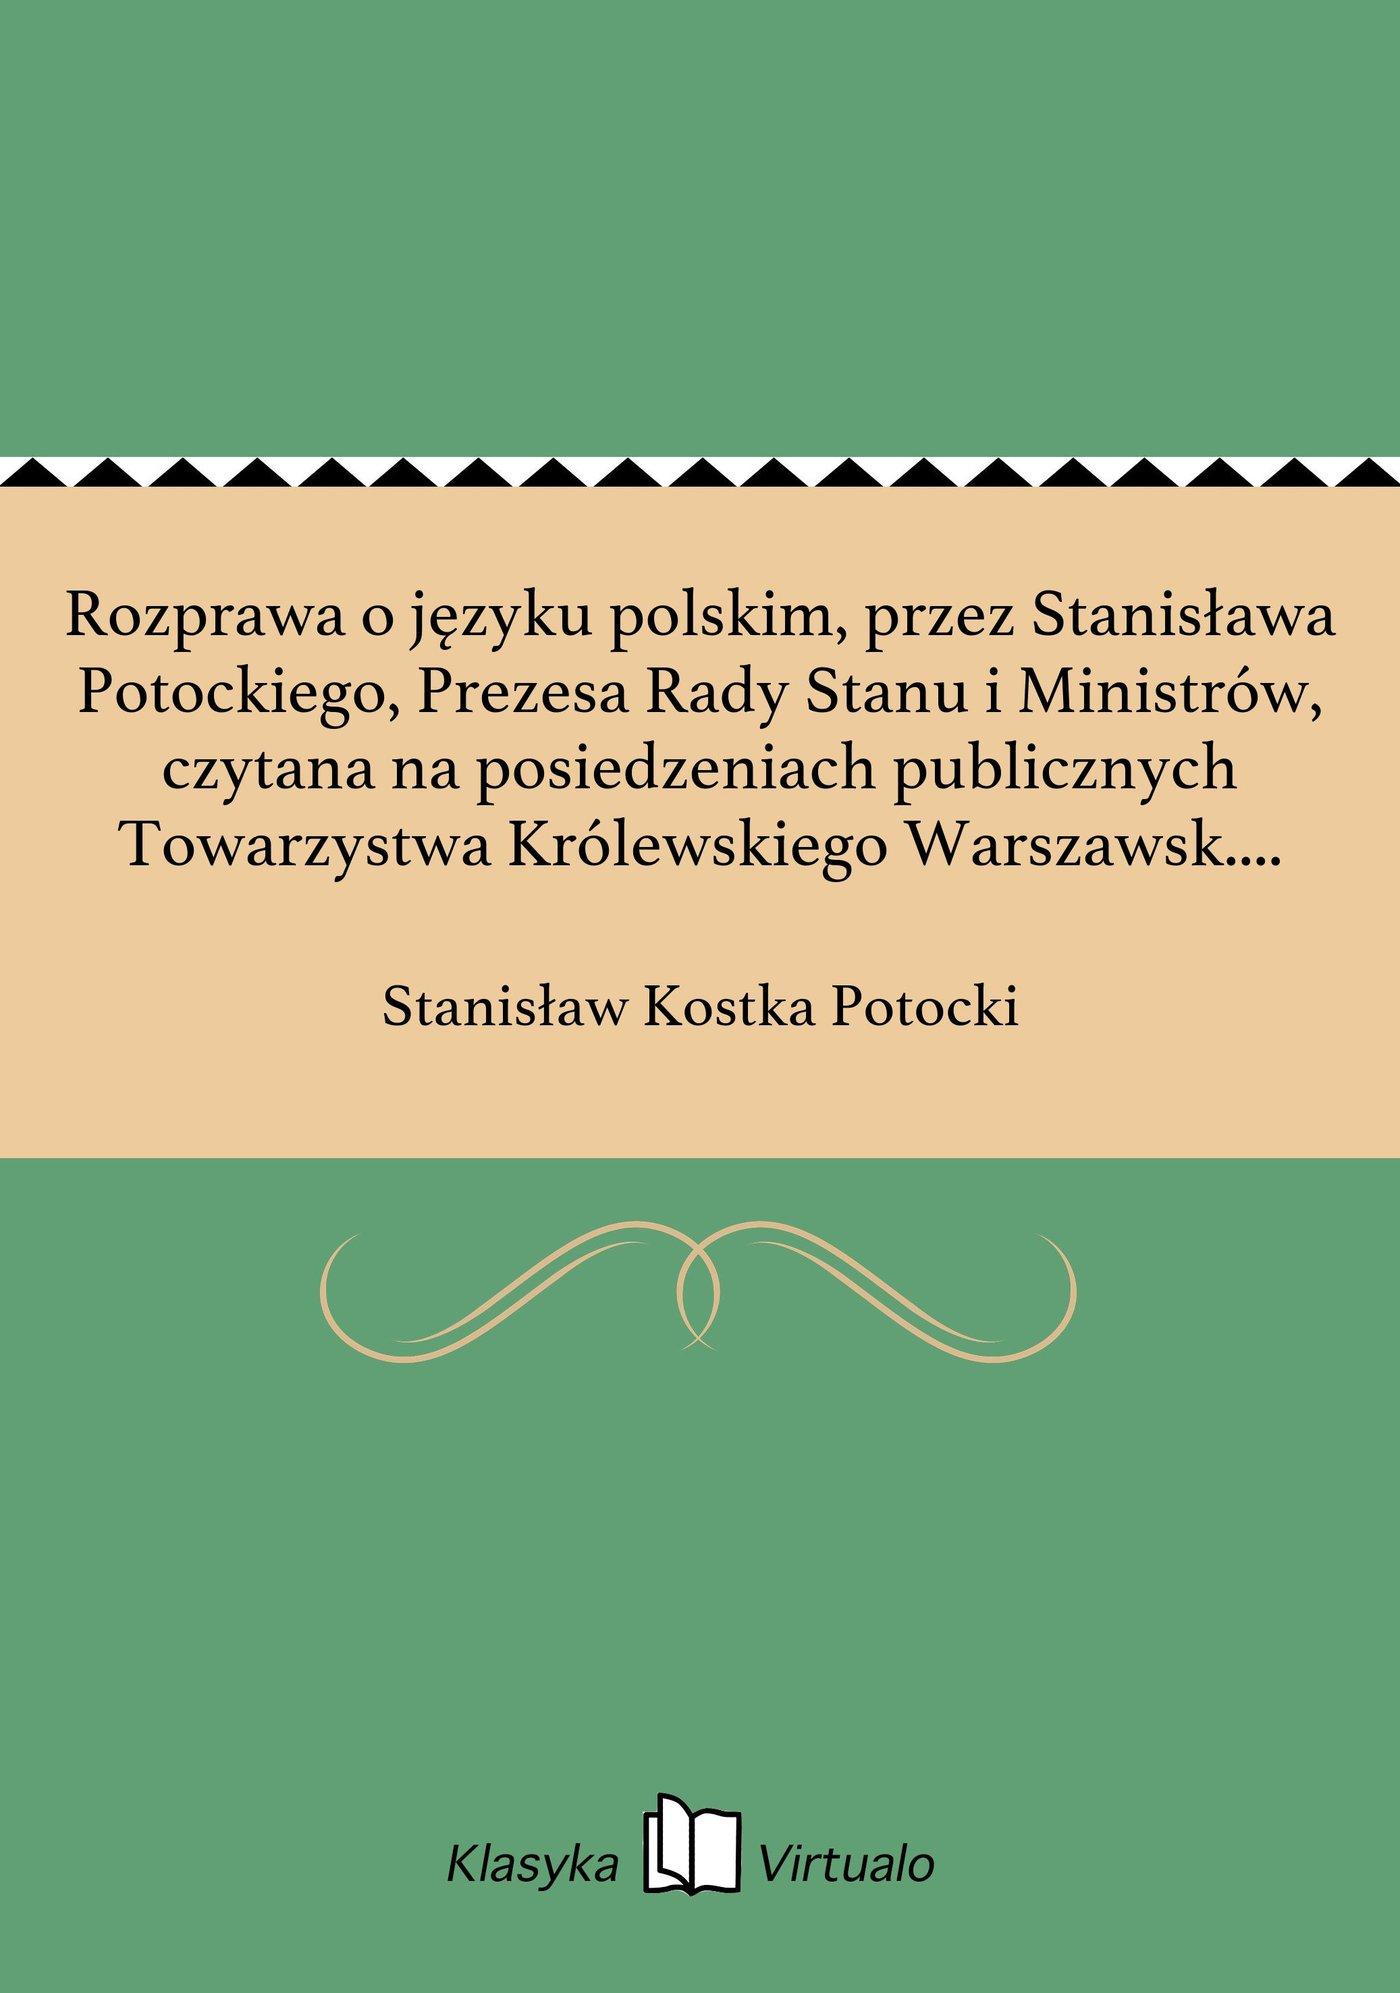 Rozprawa o języku polskim, przez Stanisława Potockiego, Prezesa Rady Stanu i Ministrów, czytana na posiedzeniach publicznych Towarzystwa Królewskiego Warszawsk. Przyiaciół Nauk, w roku 1812 - Ebook (Książka EPUB) do pobrania w formacie EPUB